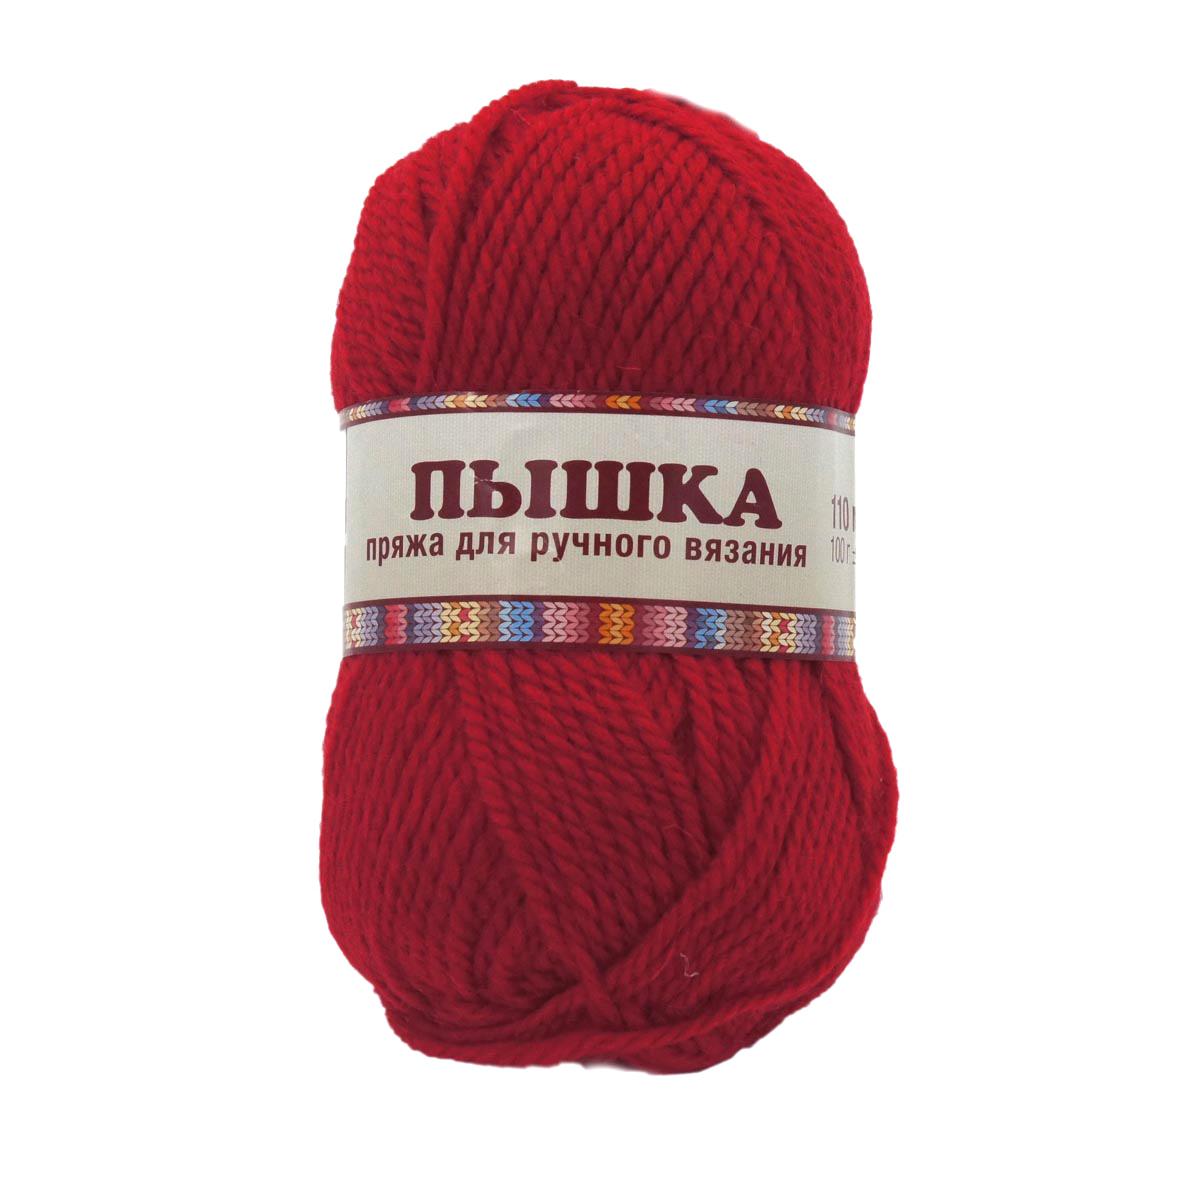 Пряжа Камтекс 'Пышка' (100%шерсть) (046 красный) фото